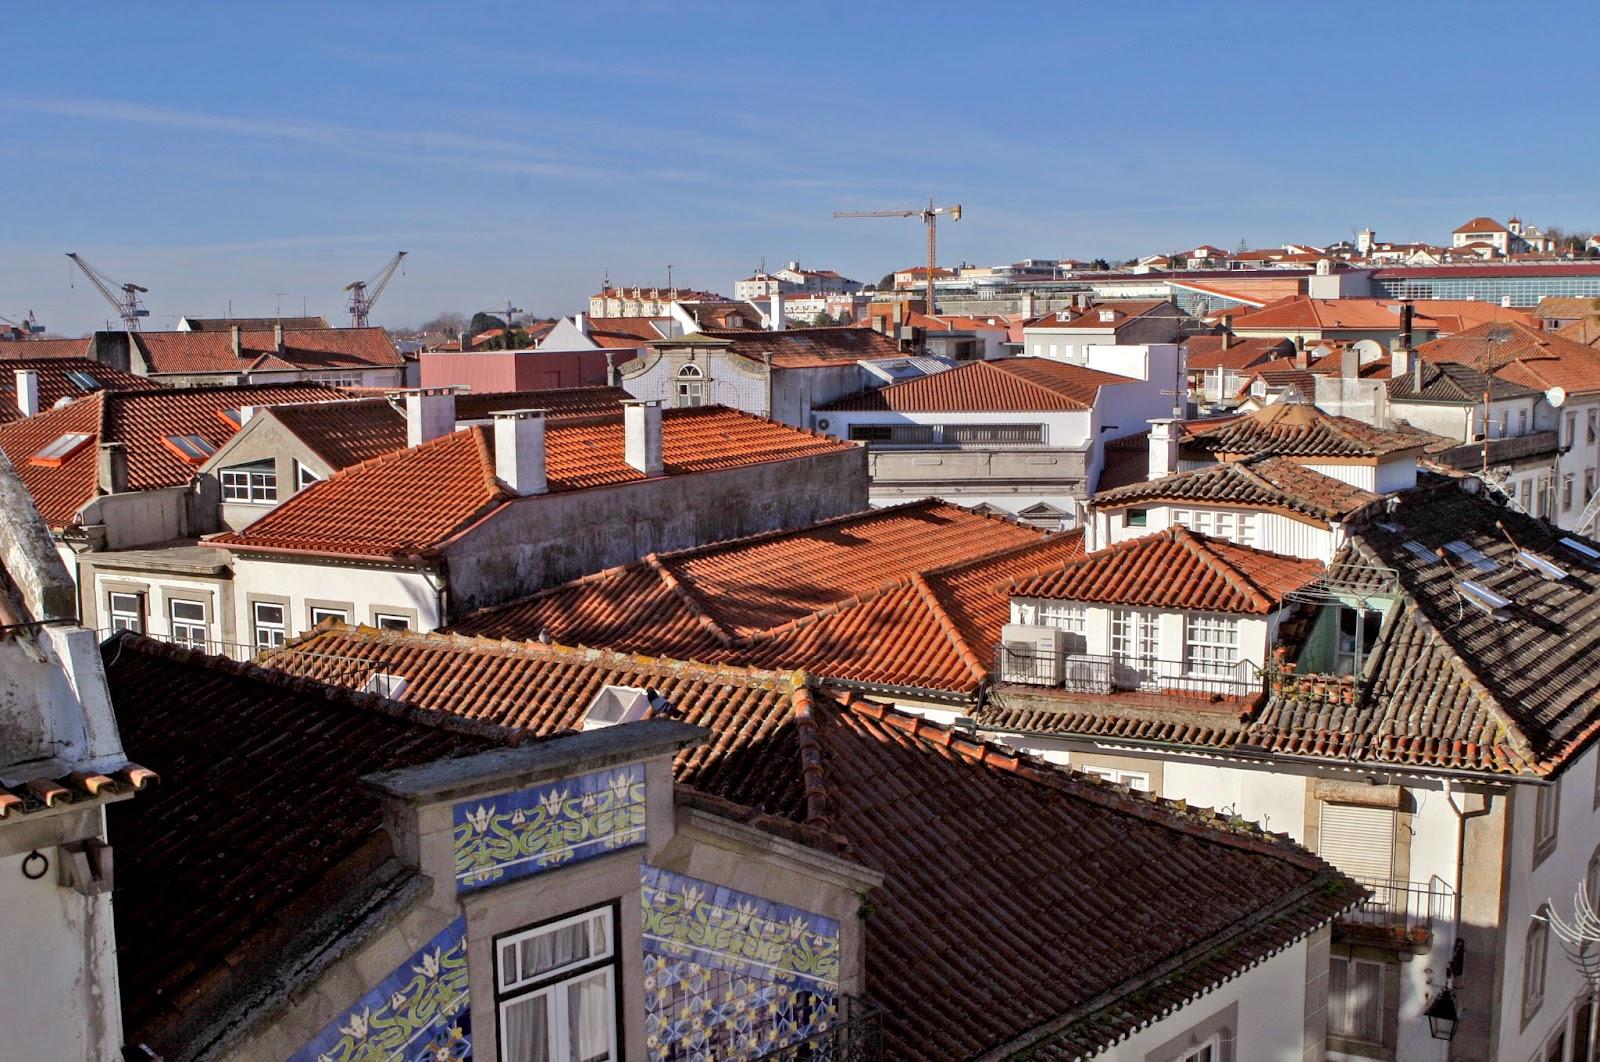 Pegou a moda de nas pequenas e grandes cidades transformarem todos os  espaços disponíveis e habitáveis 4792dd359b6